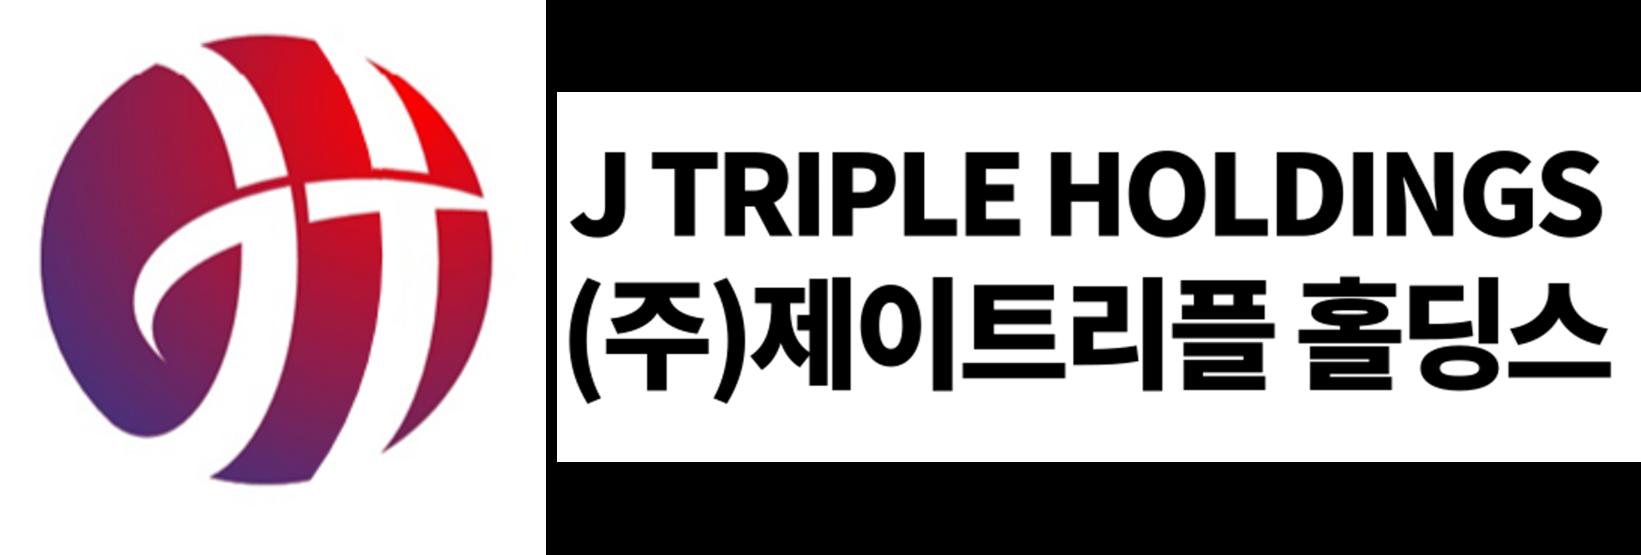 (주)JTRIPLE_holdings